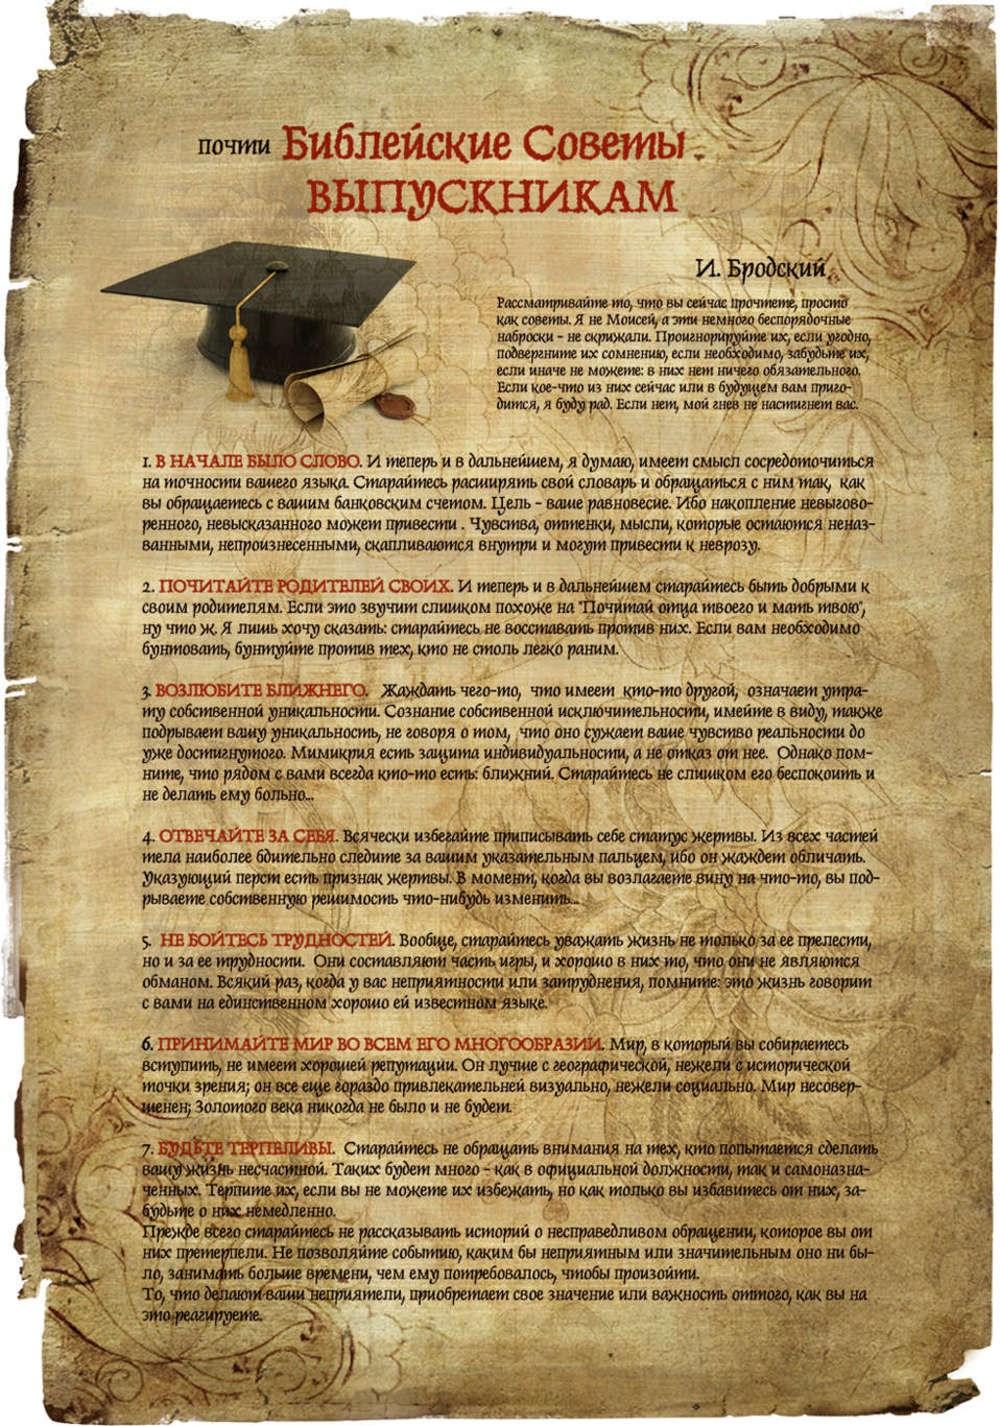 Поздравление и советы выпускникам на свитке папируса